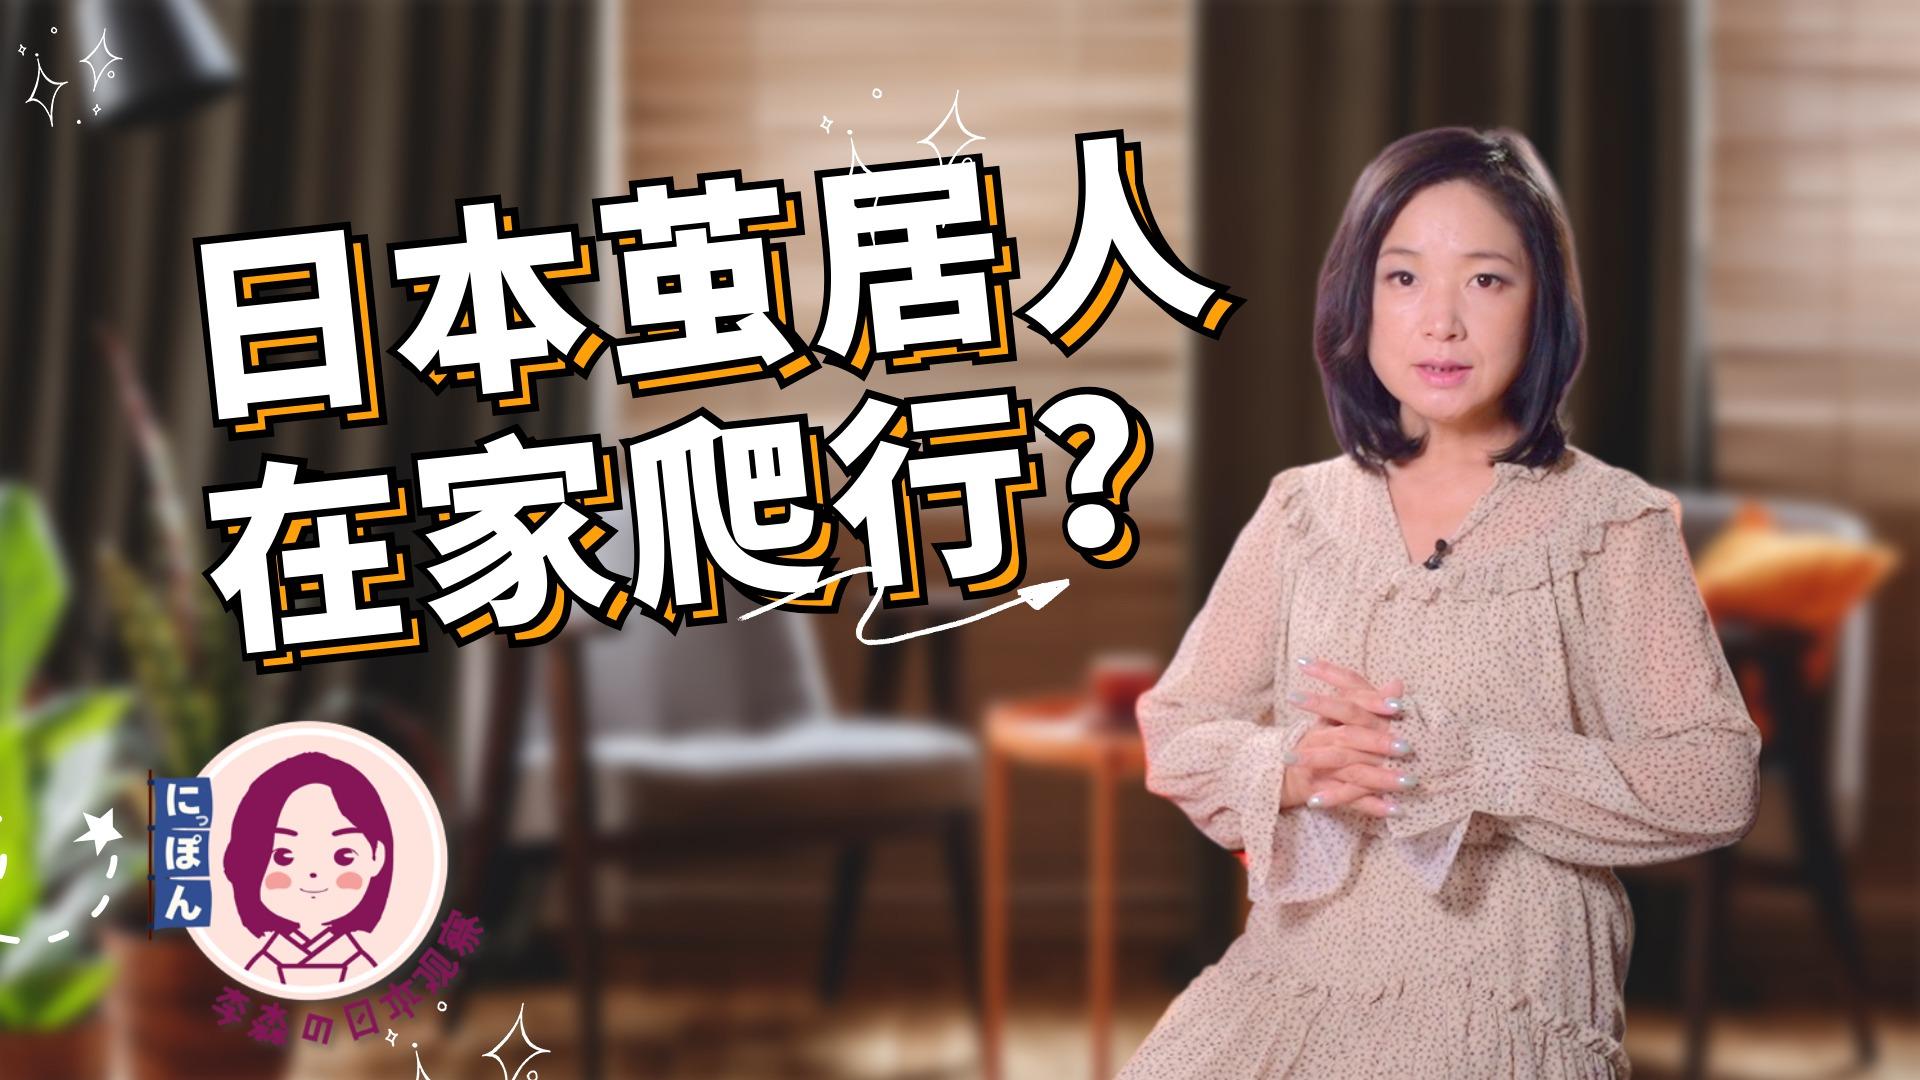 李淼的日本观察121:日本女子居家爬行吃饭嫌累?探究百万茧居族形成原因